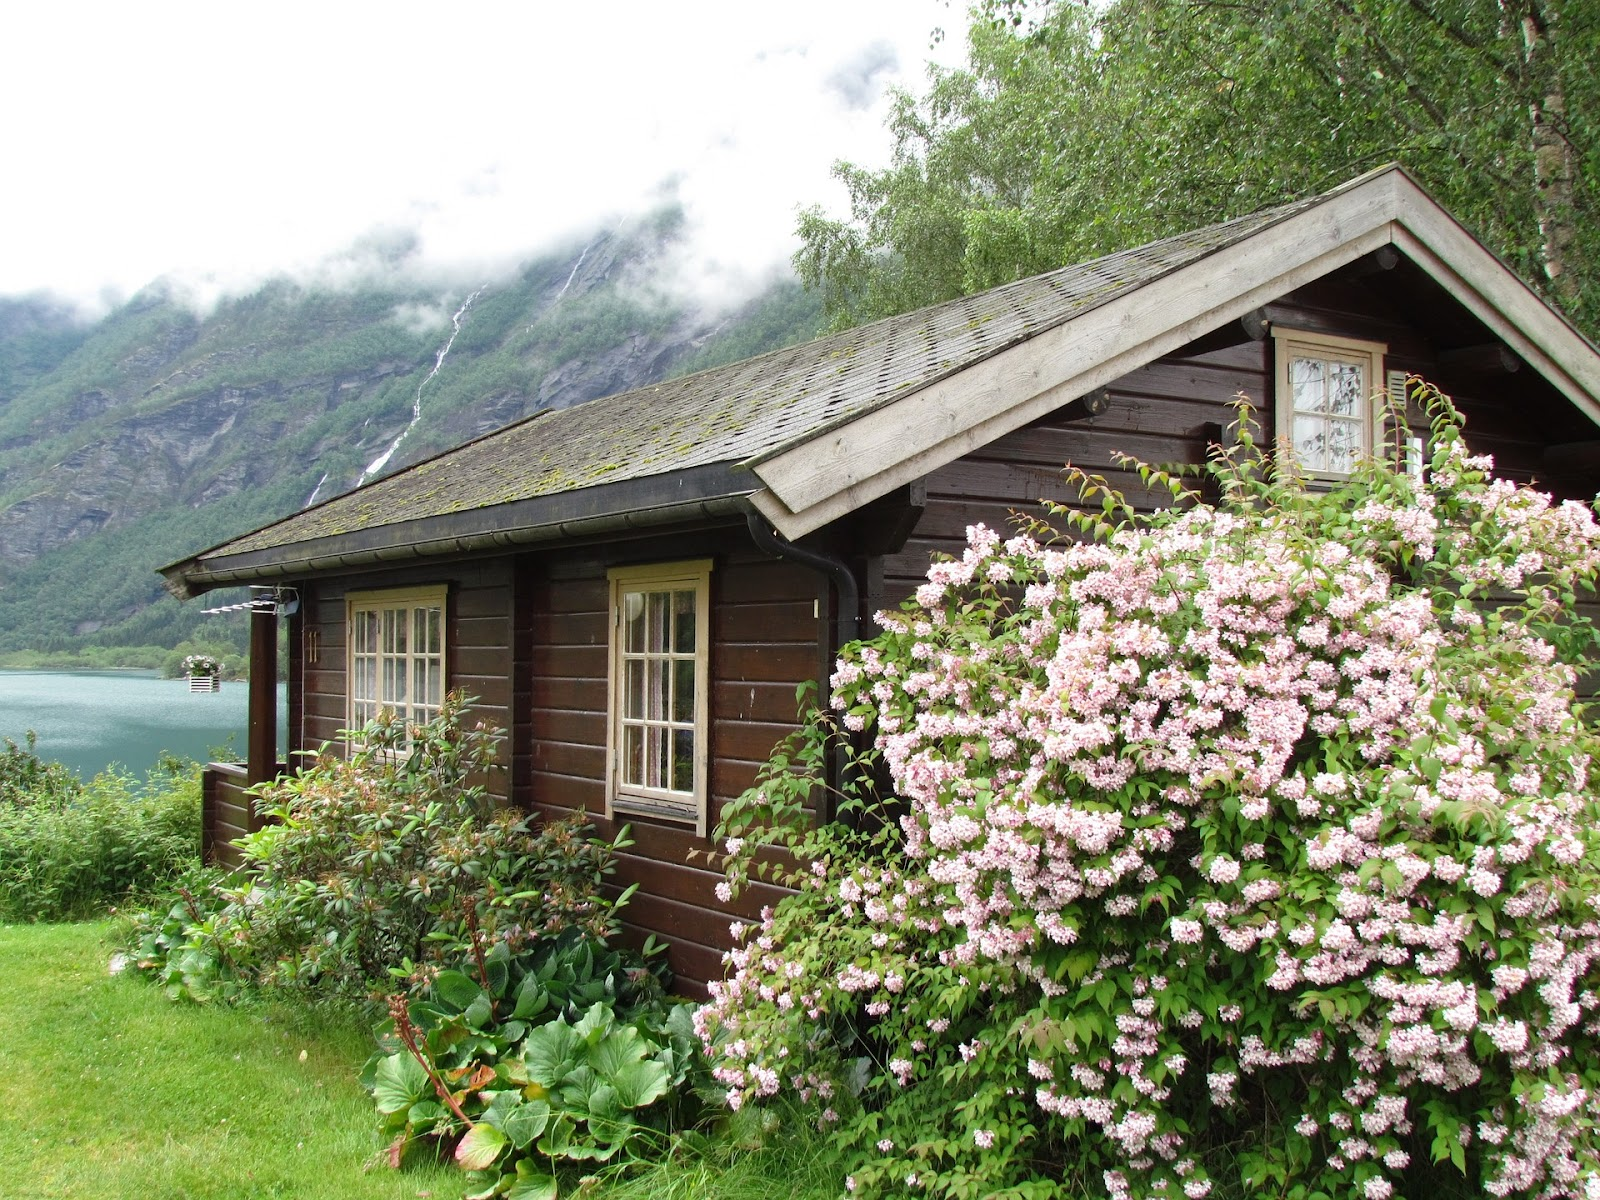 The hippy home a conversation on living simply - Paisajes de casas de campo ...